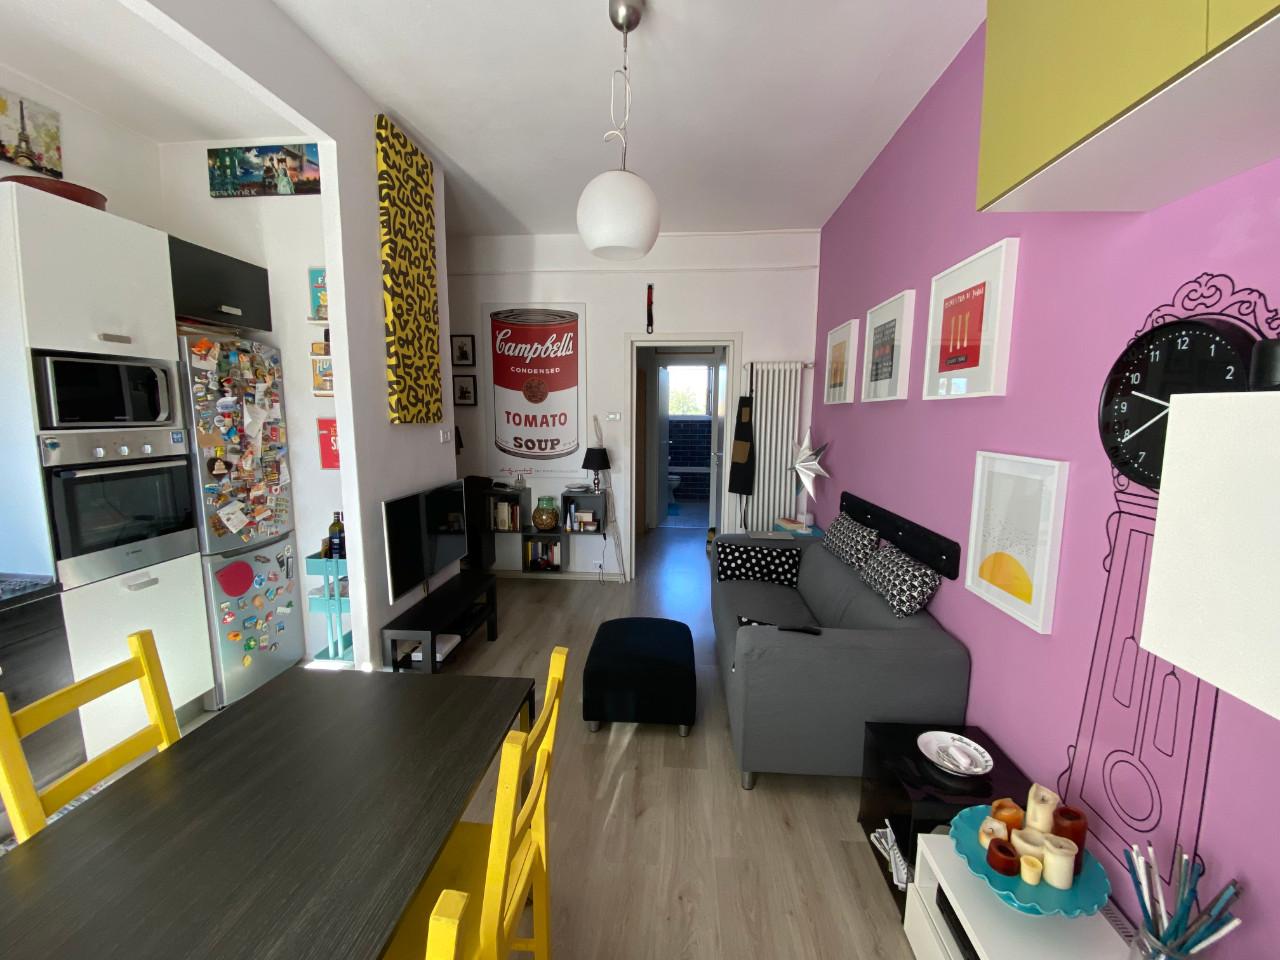 bologna affitto quart: corticella la-soffitta-studio-immobiliare